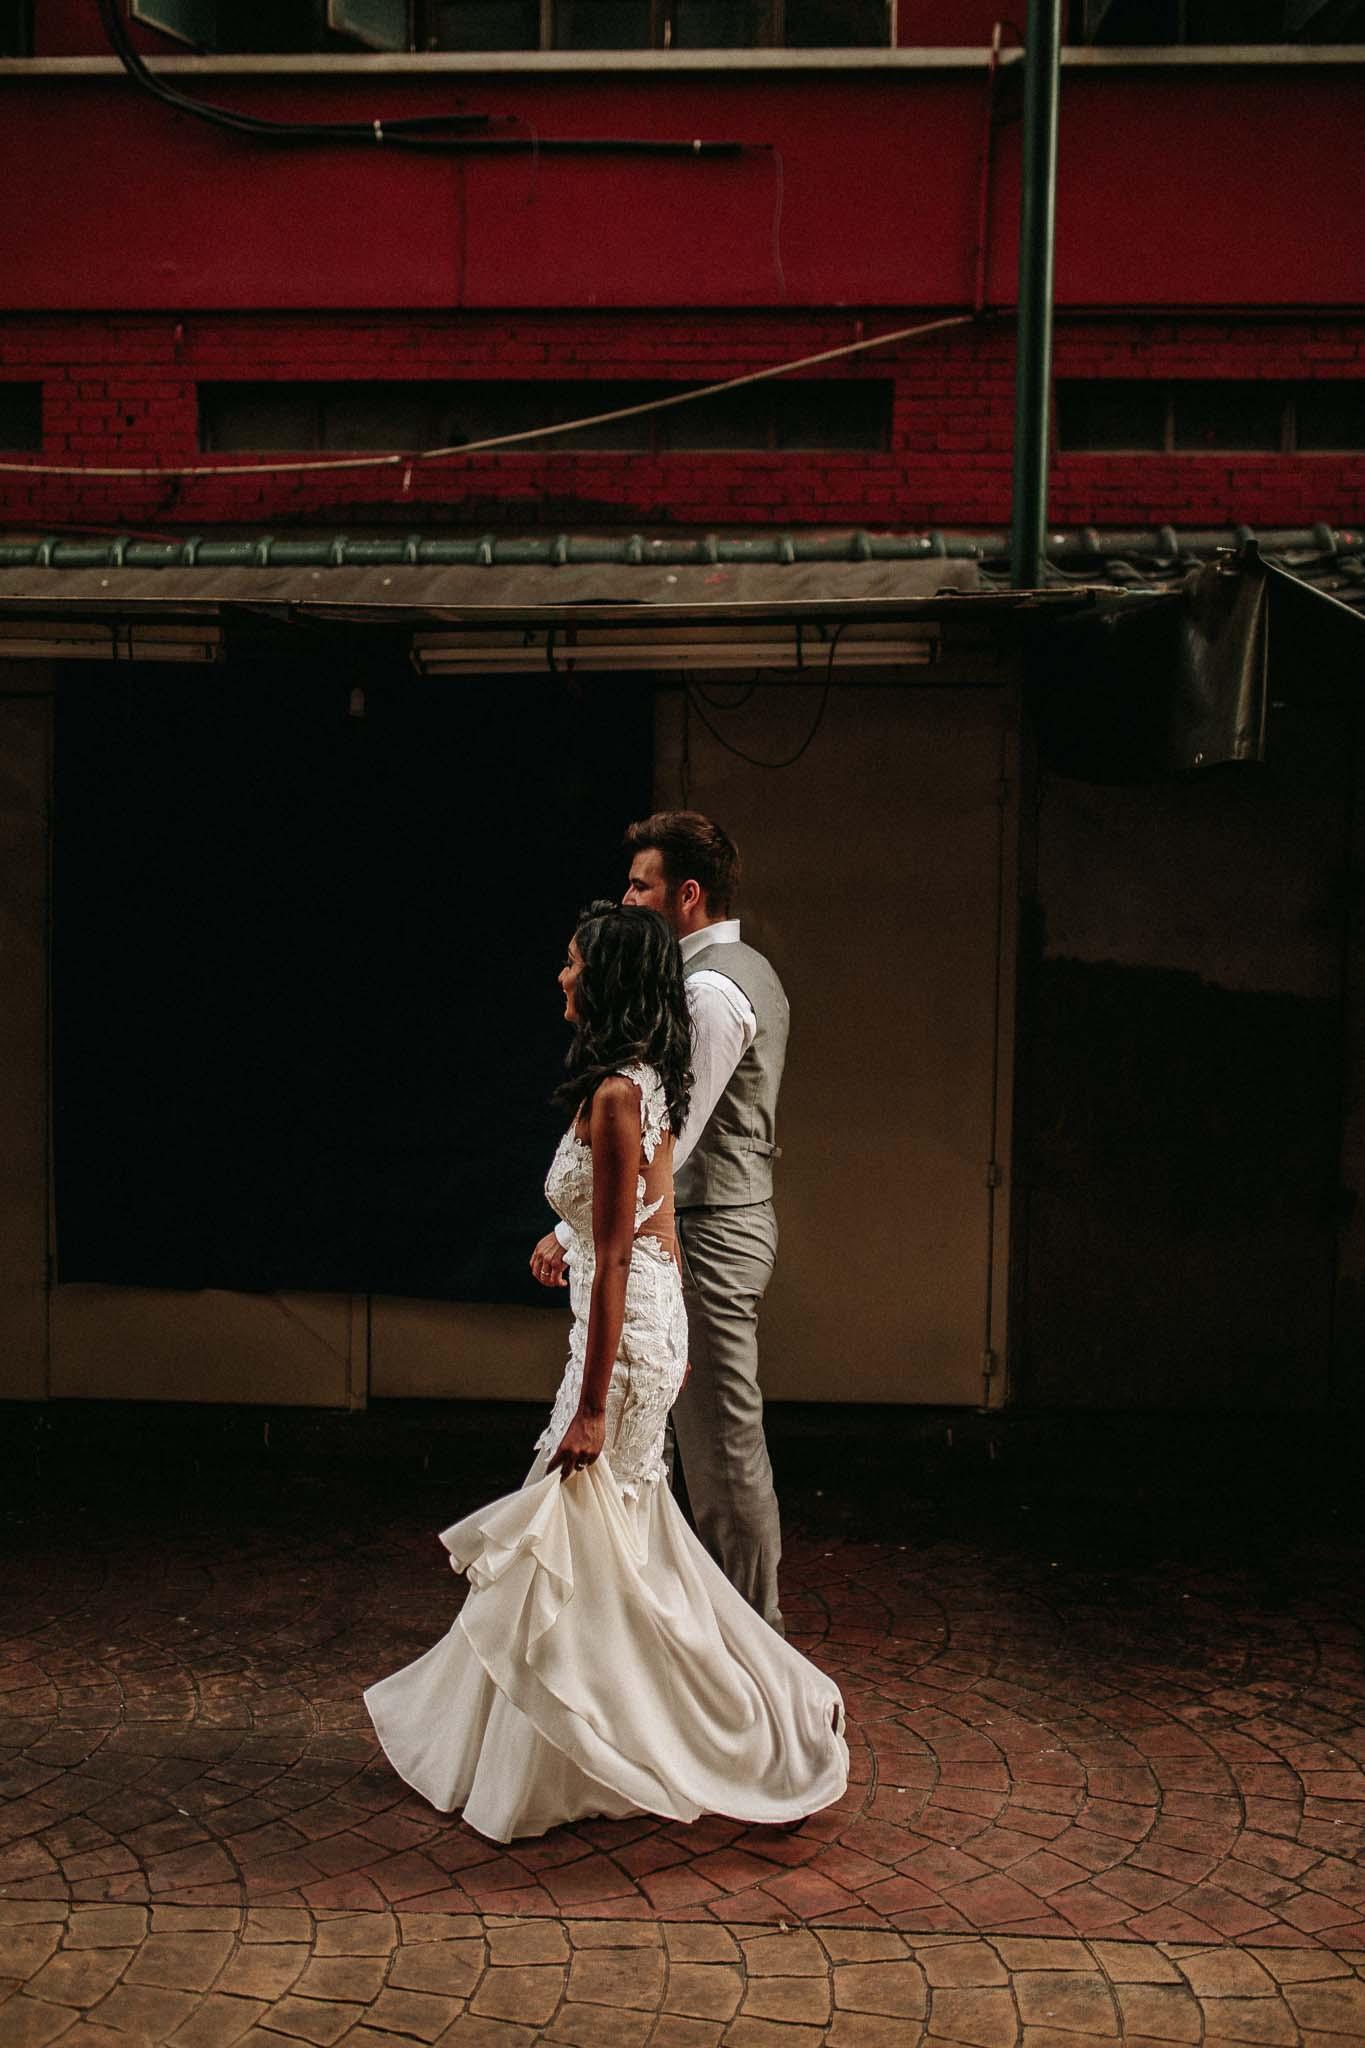 u&m-weddingsbyqay-lovesession-destinationweddingphotographer (65 of 160).jpg